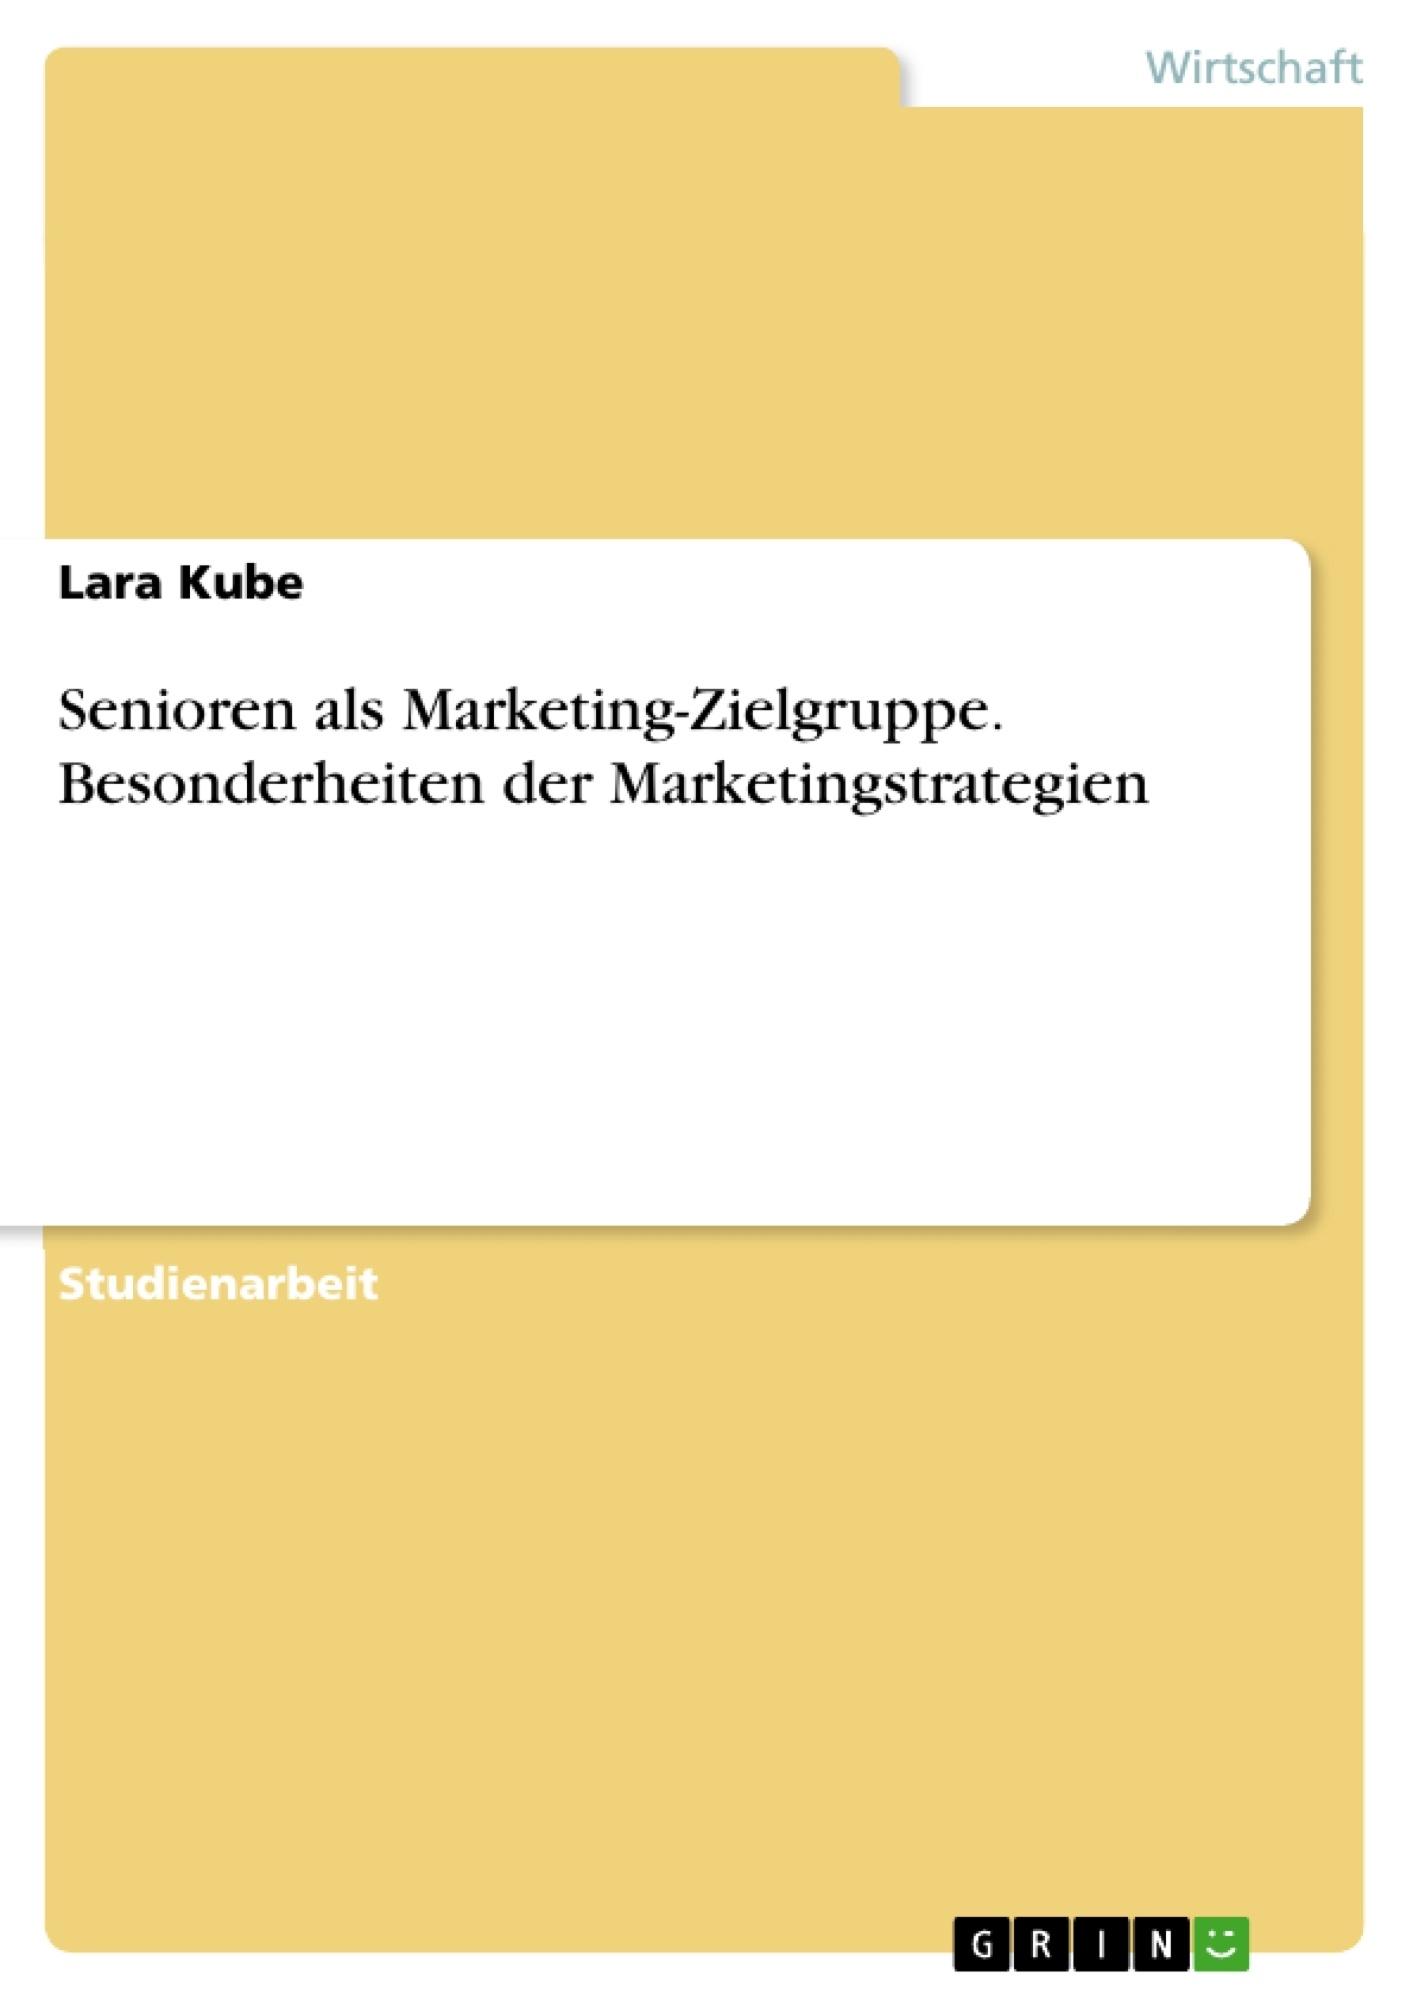 Titel: Senioren als Marketing-Zielgruppe. Besonderheiten der Marketingstrategien